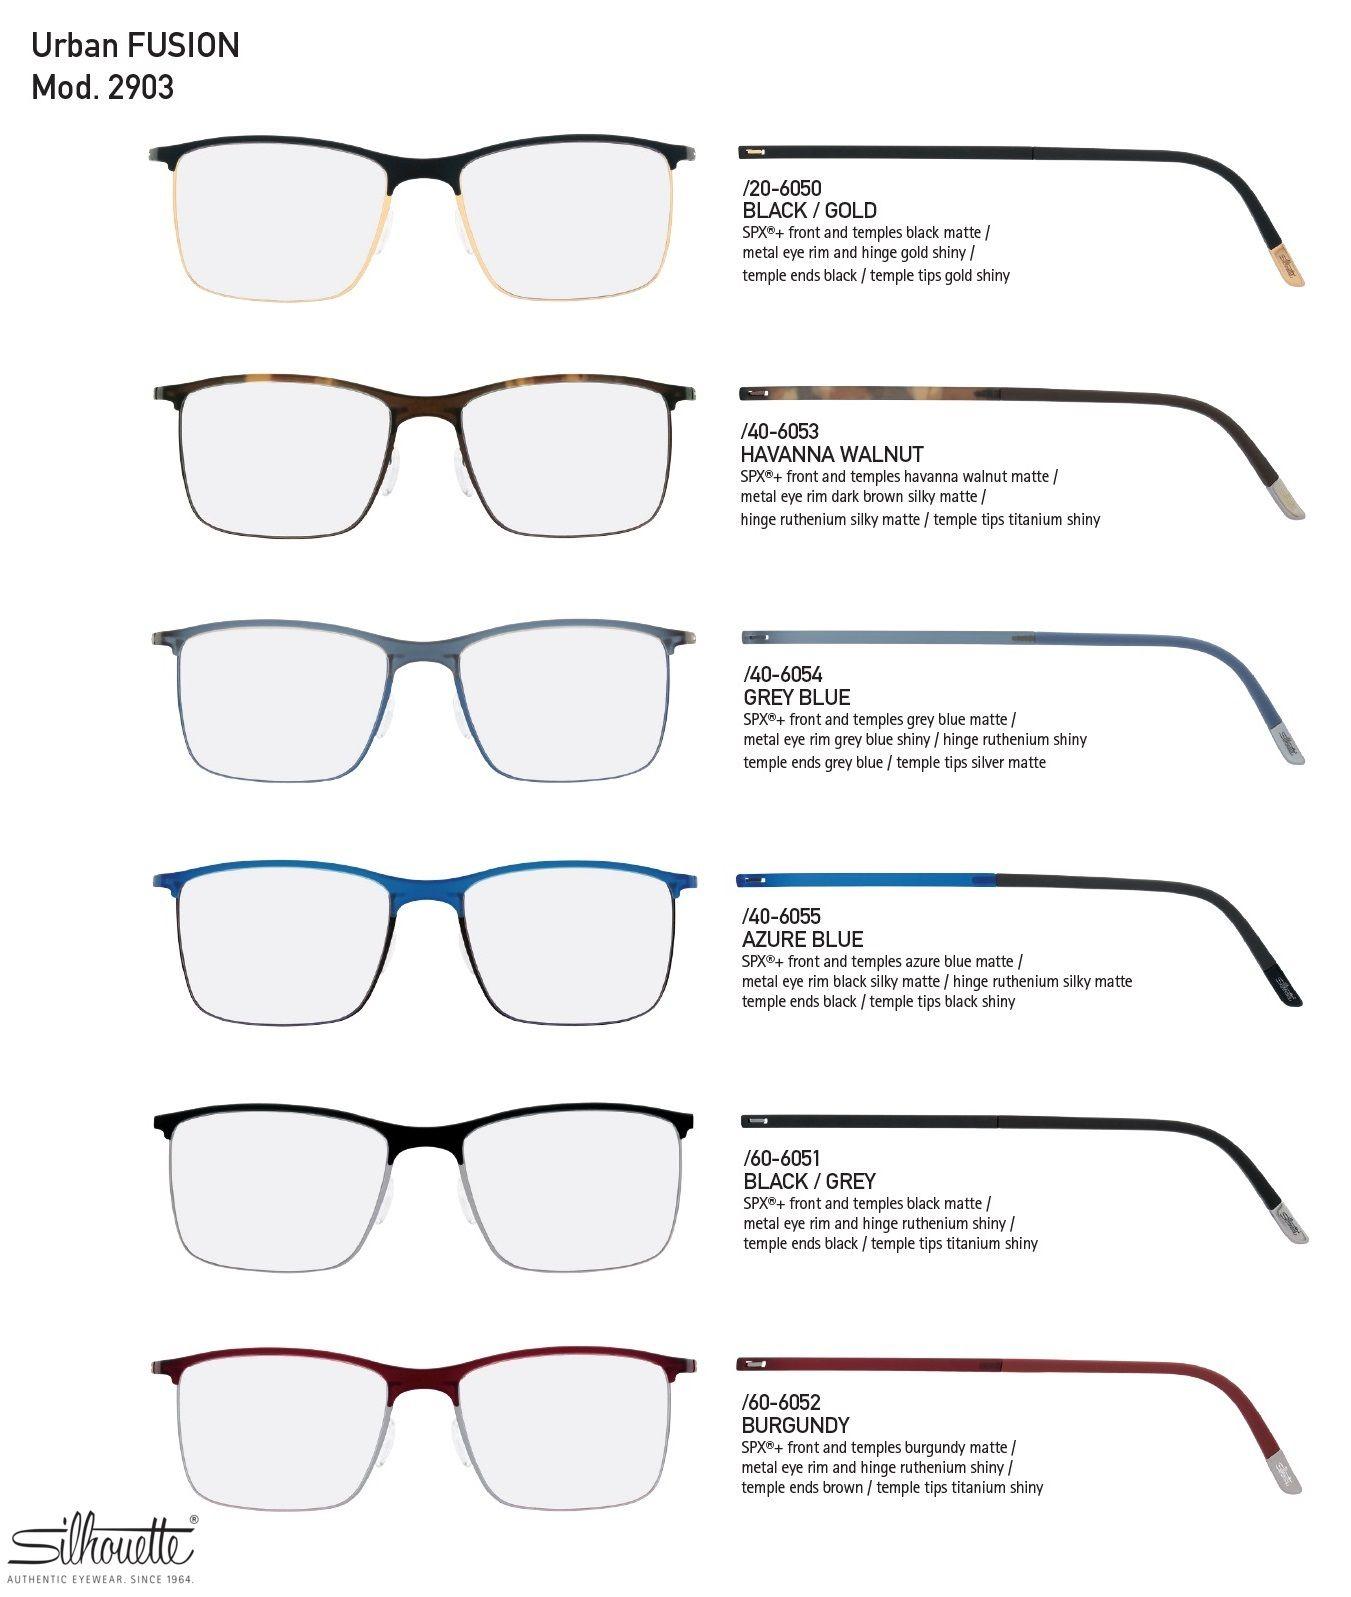 2d46dfde6dda Silhouette Urban Fusion Fullrim 2903 Eyeglasses Fashion Eyewear ...